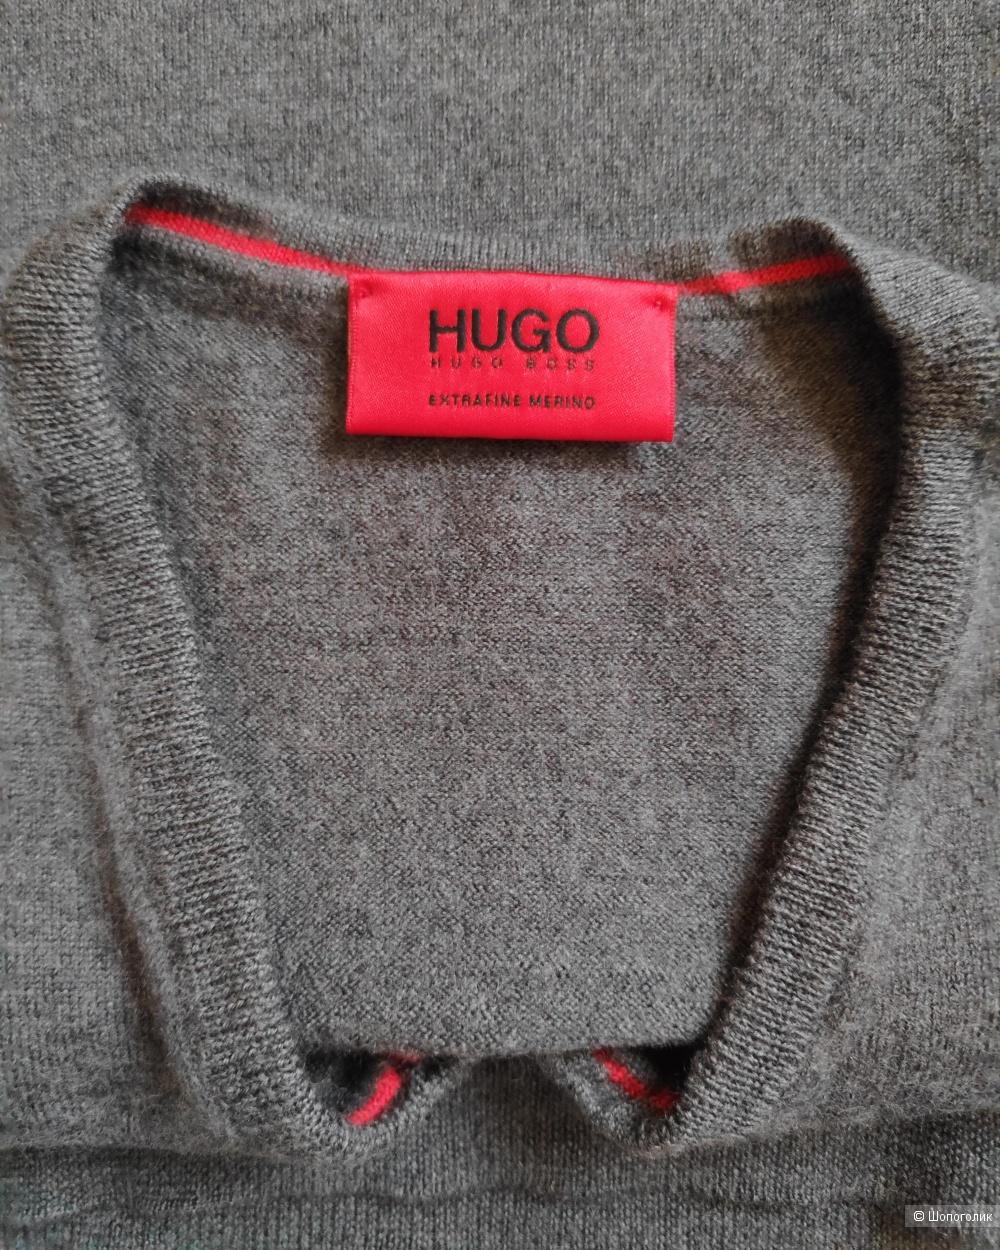 Жилетка HUGO HUGO BOSS. Маркировка M.